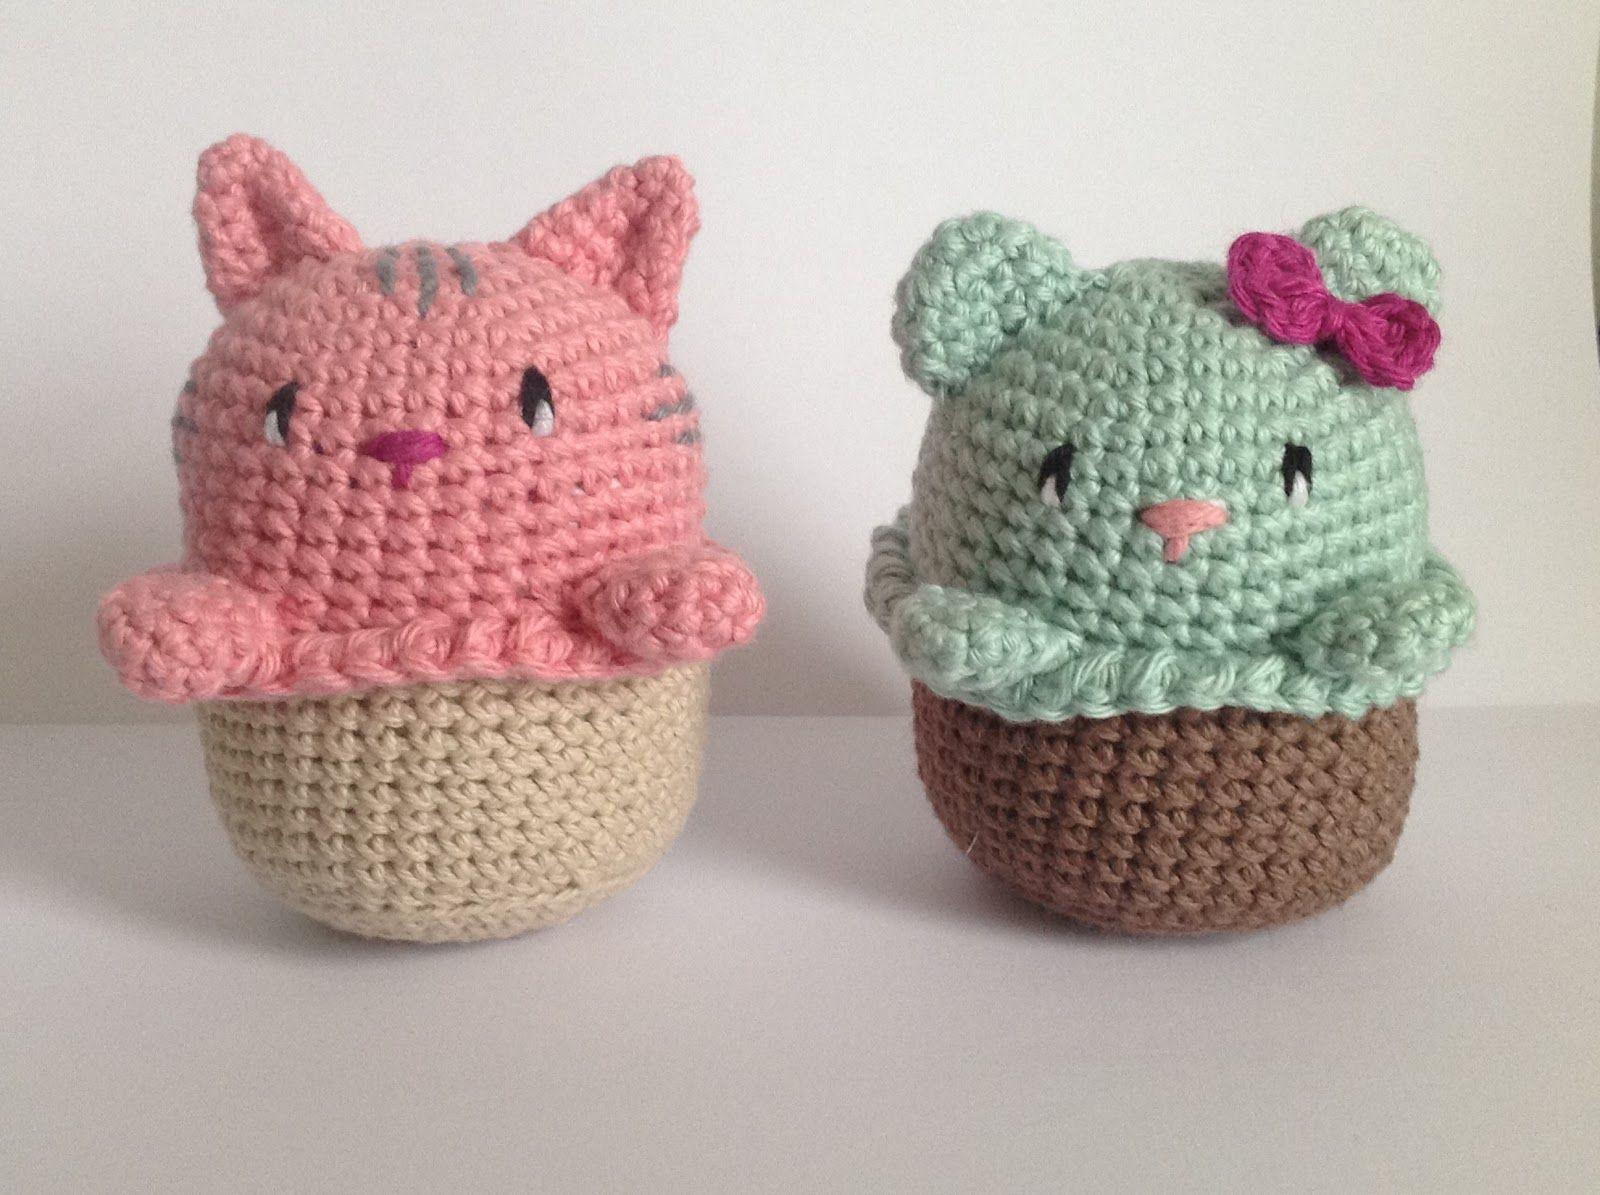 Disse cupcake katte og bjørne er ikke til at stå for - og nu kan du hækle din egen: X = fm V = udtagning A = indtagning MR = magis...